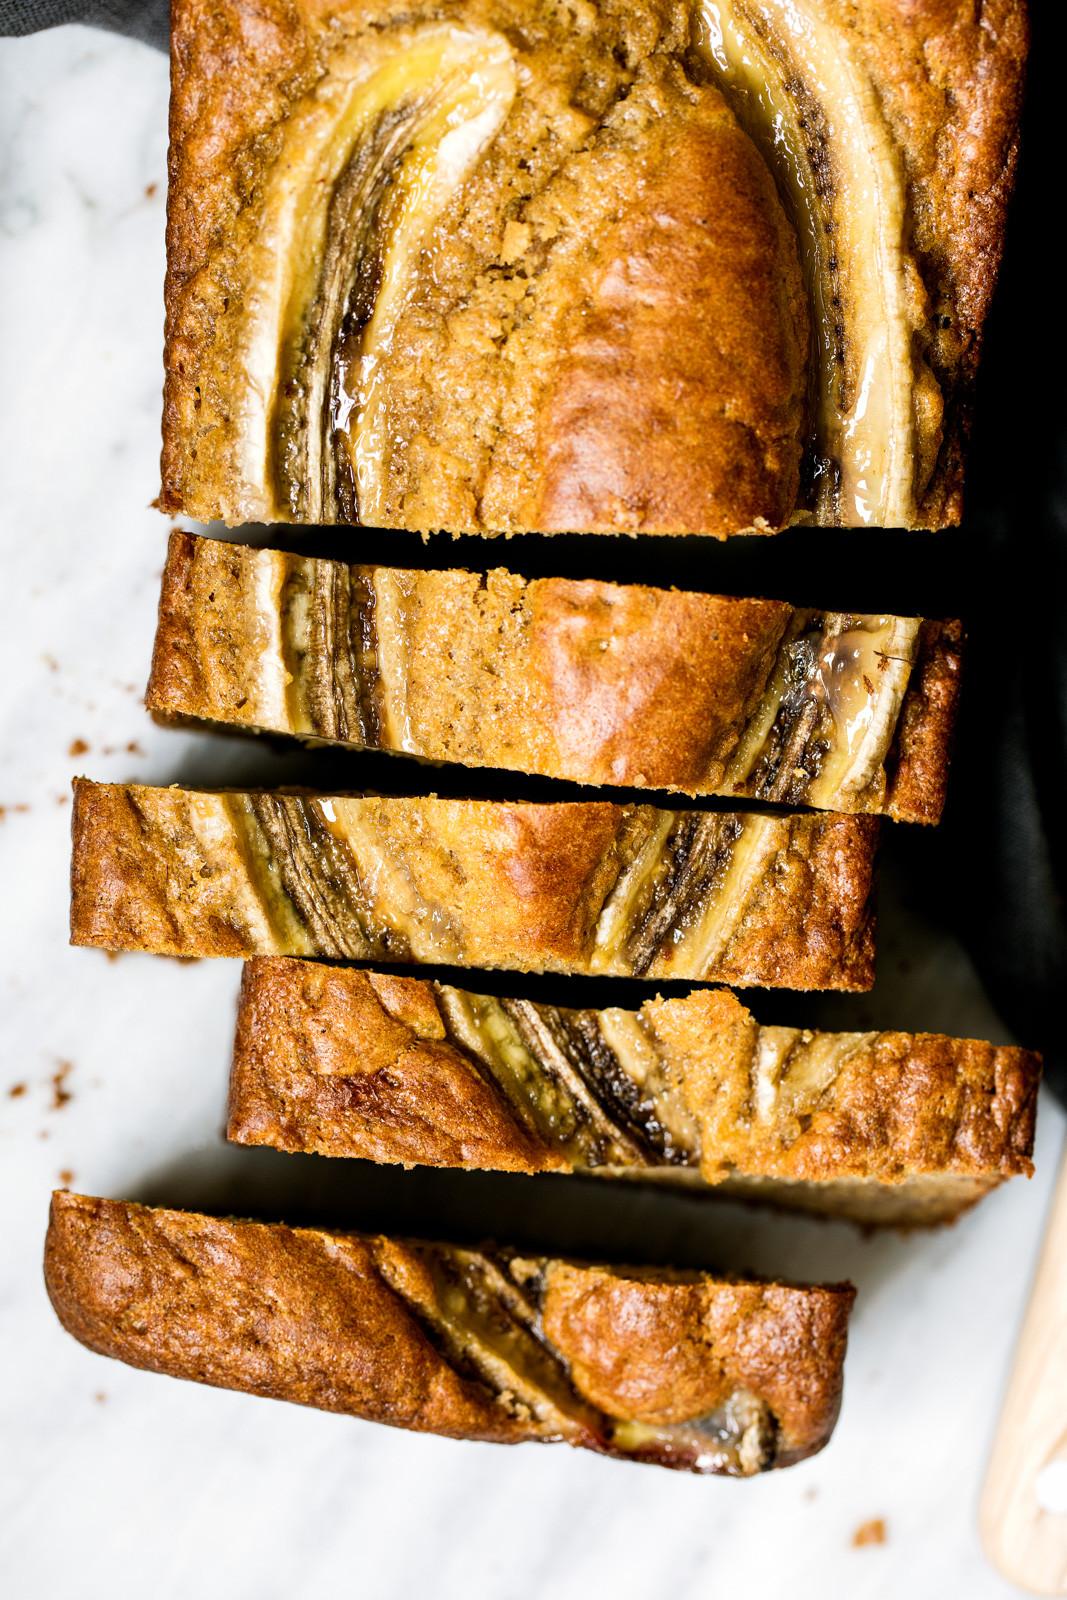 Banana Bread Healthy Recipe  My Favorite Healthy Banana Bread Recipe why baking is